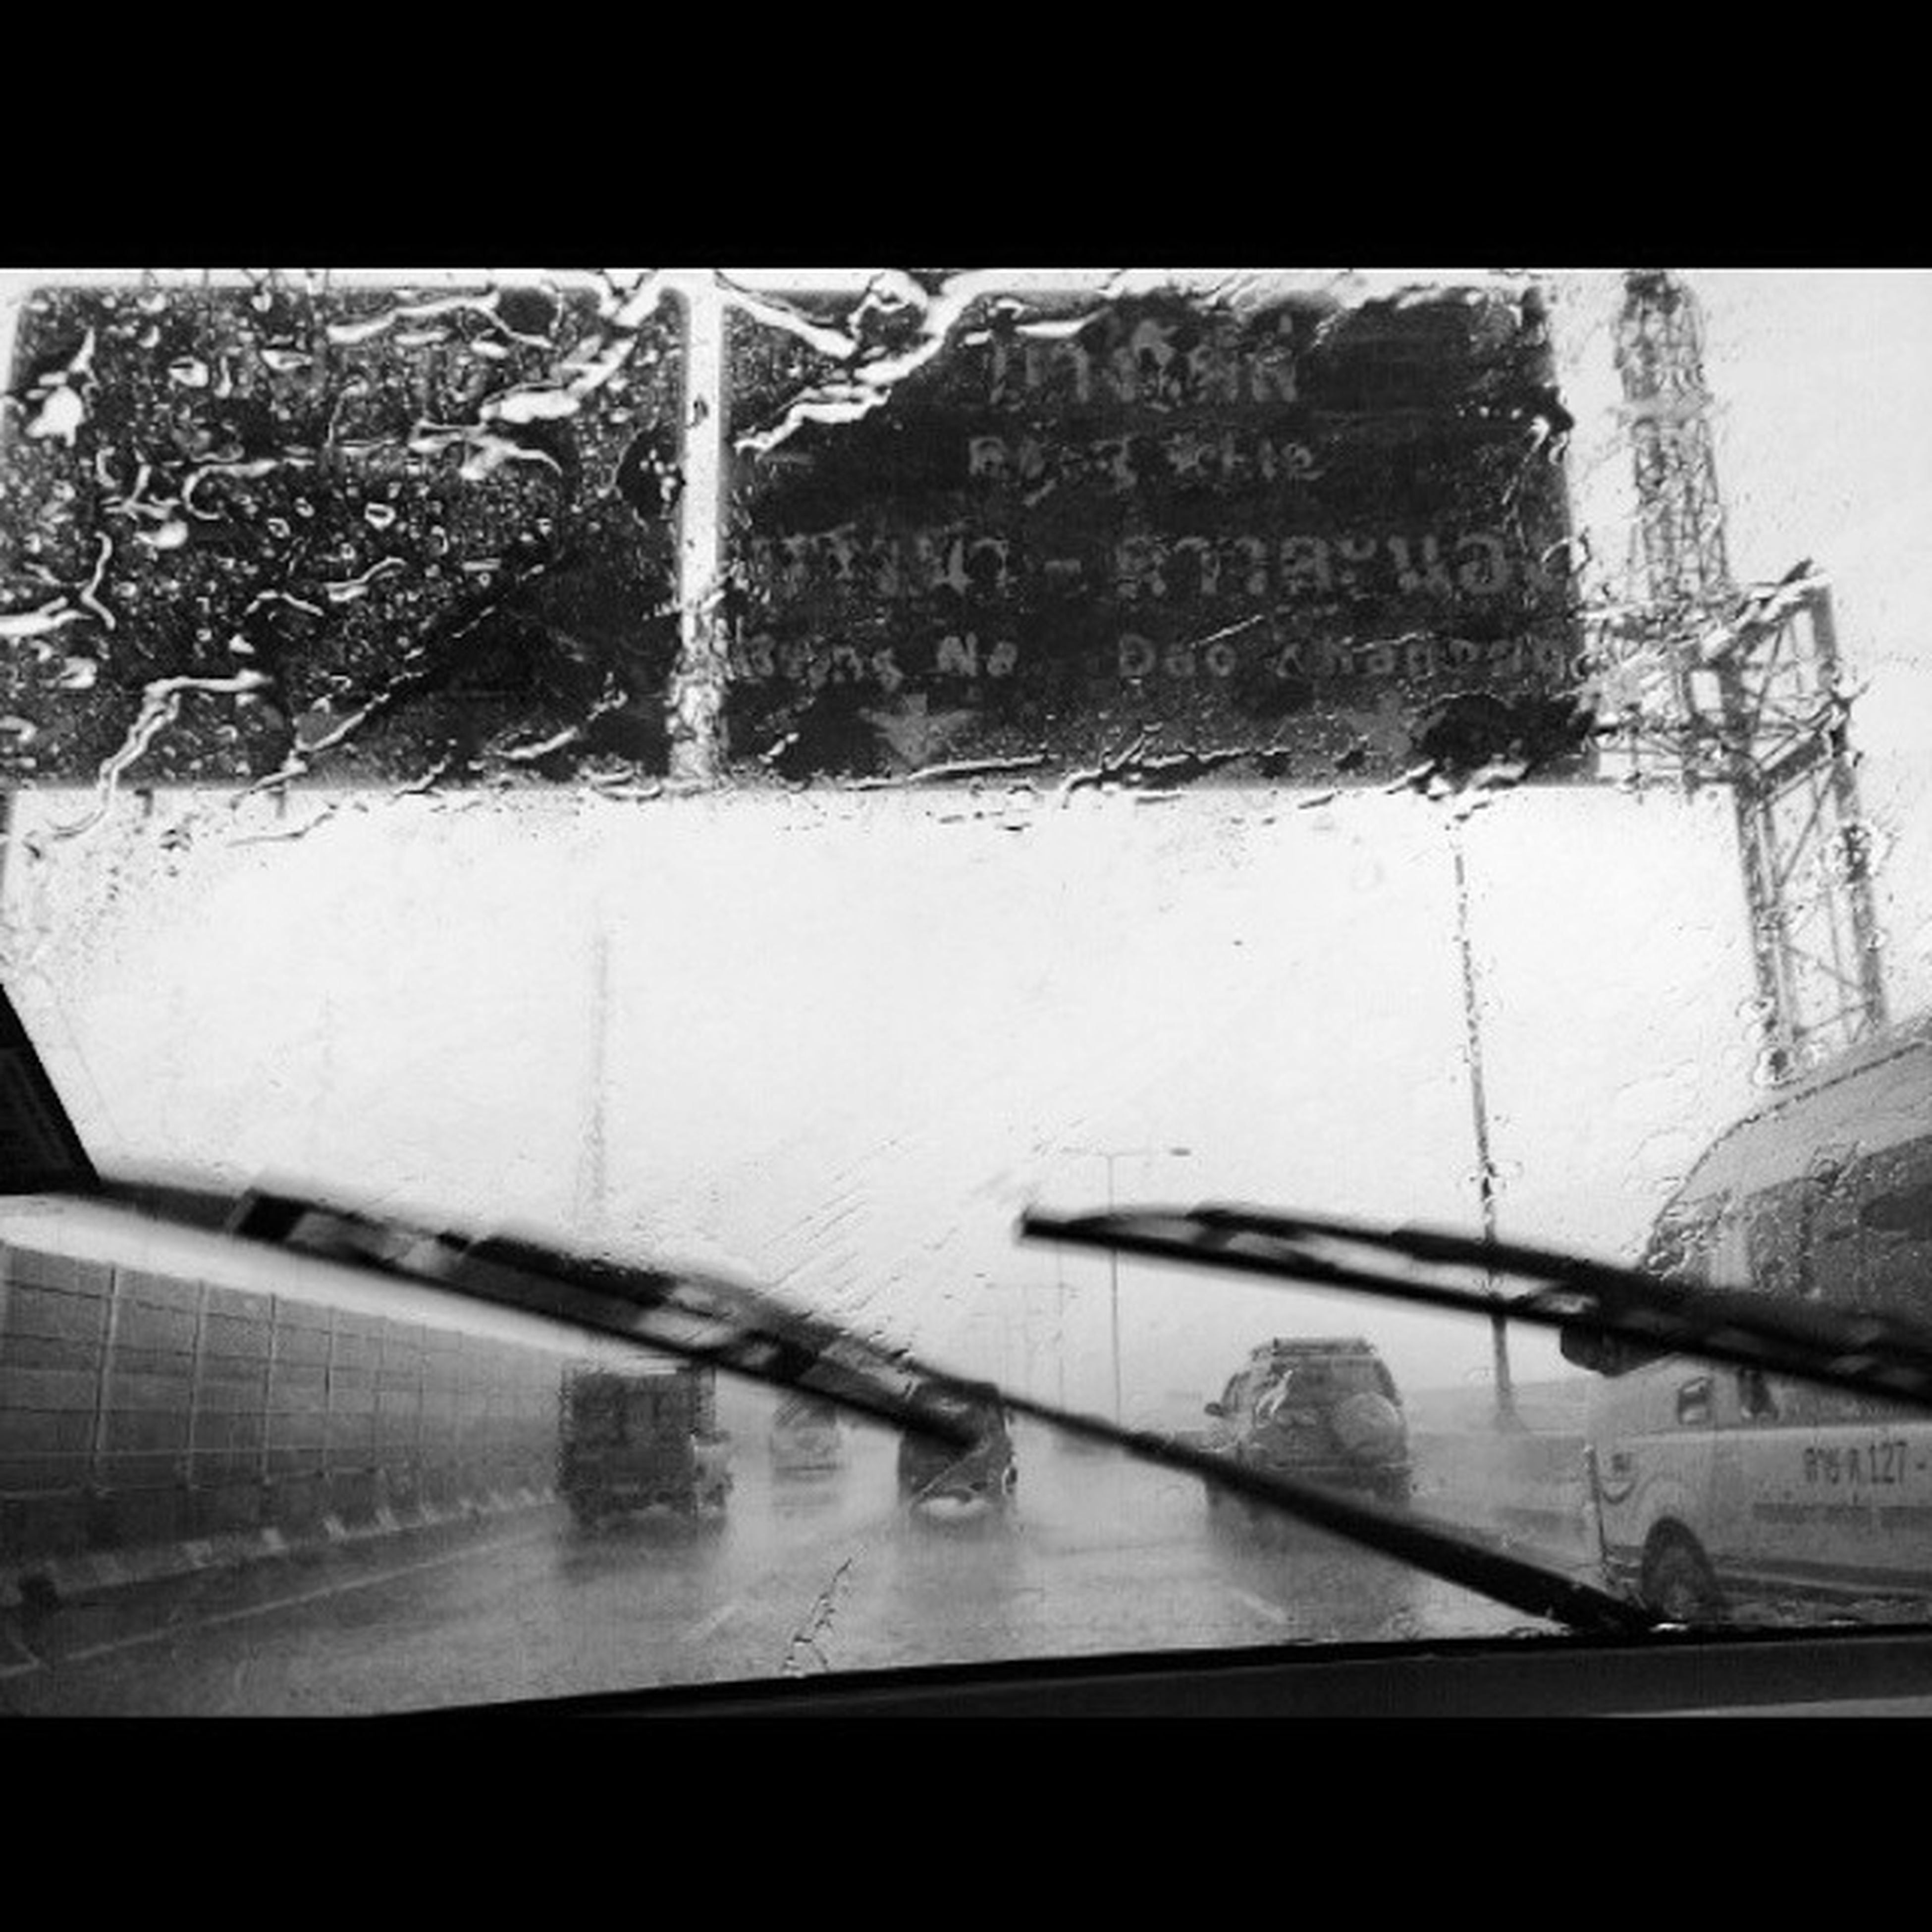 ชีวิตแม่งเหมือนภาพวาดที่เราต้องคอยแต่งเติมสีให้ฉูดฉาด เหี้ยฝนตกอีกแล้วว